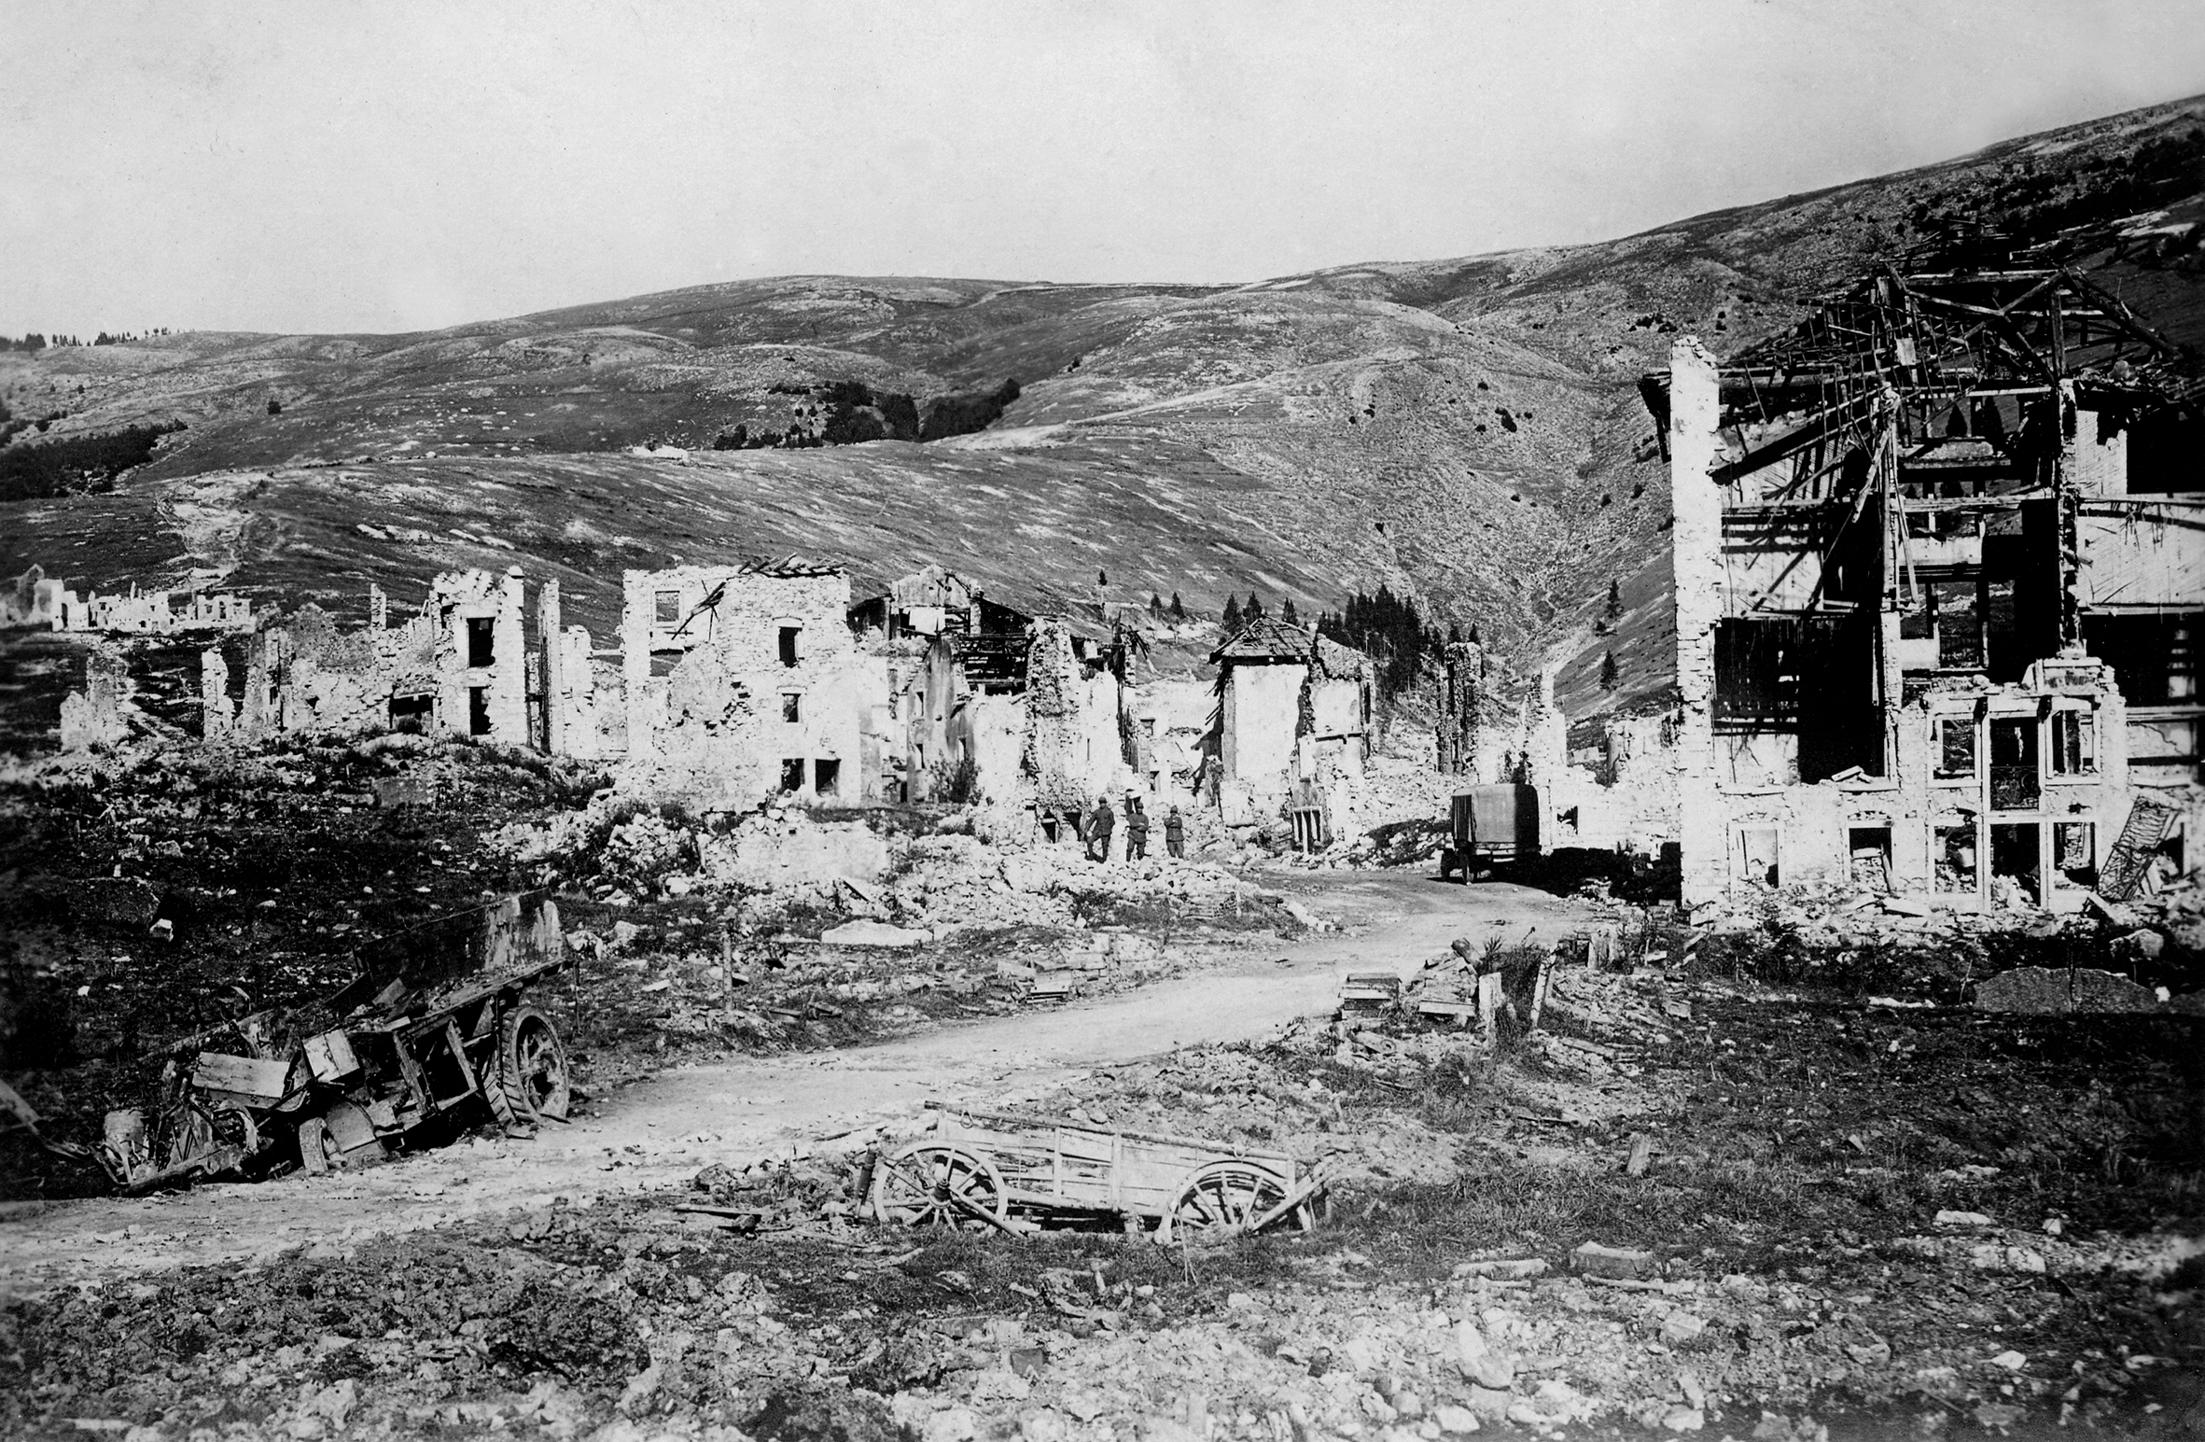 04 - Le rovine di Gallio ai piedi M. Longara a fine guerra - ASDM.JPG